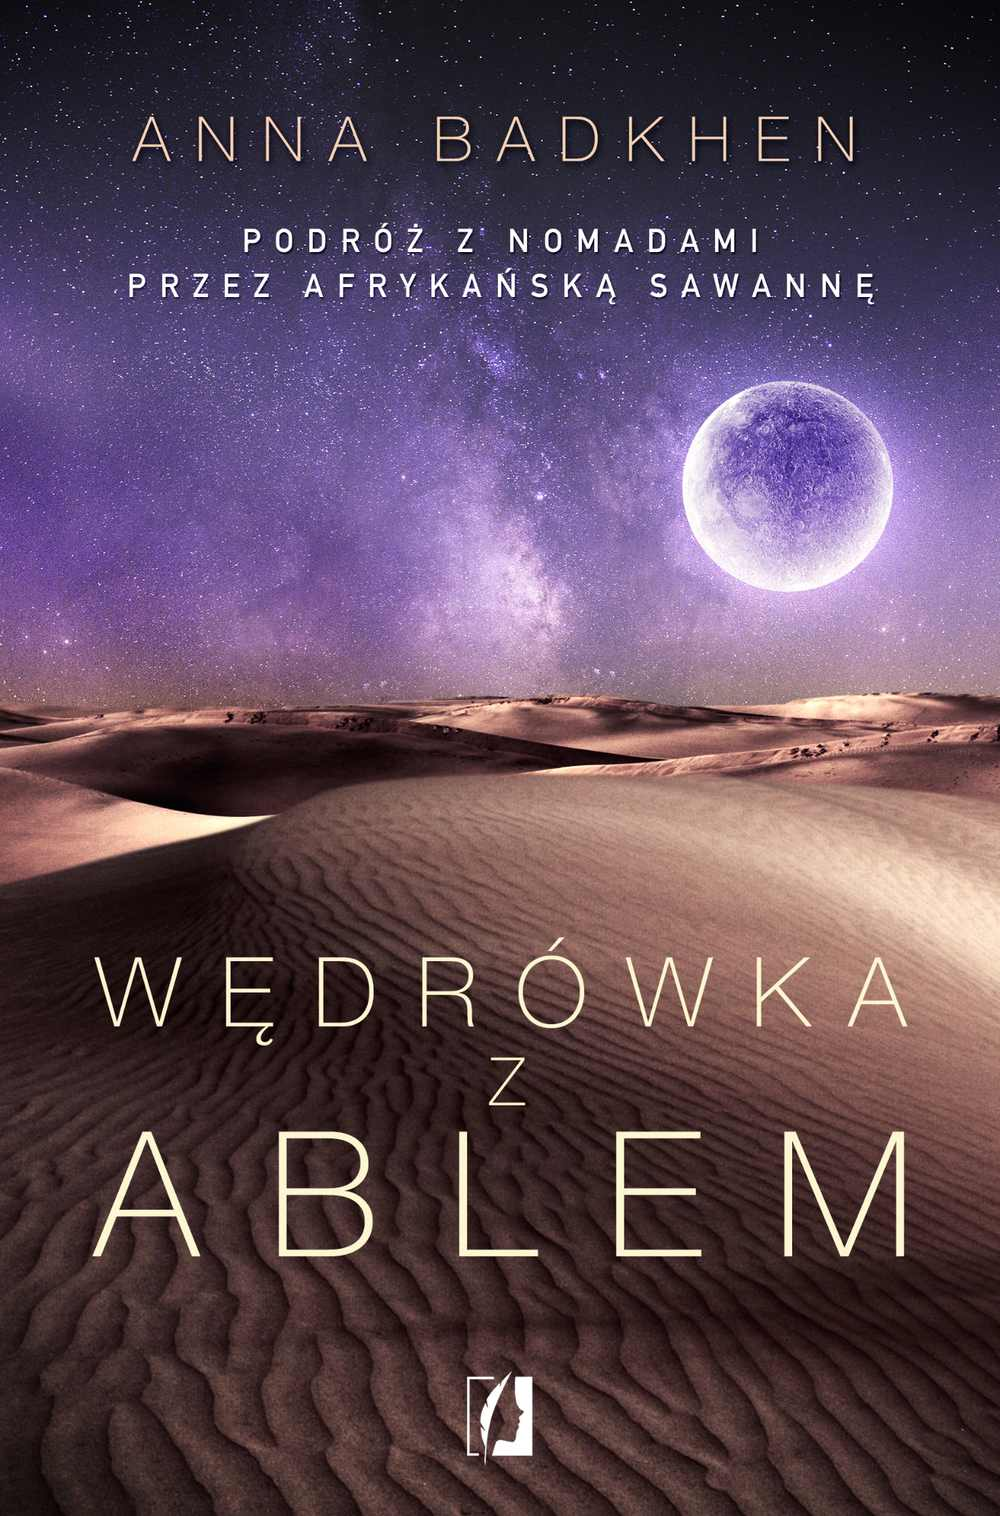 Wędrówka z Ablem. Podróż z nomadami przez afrykańską sawannę - Ebook (Książka EPUB) do pobrania w formacie EPUB